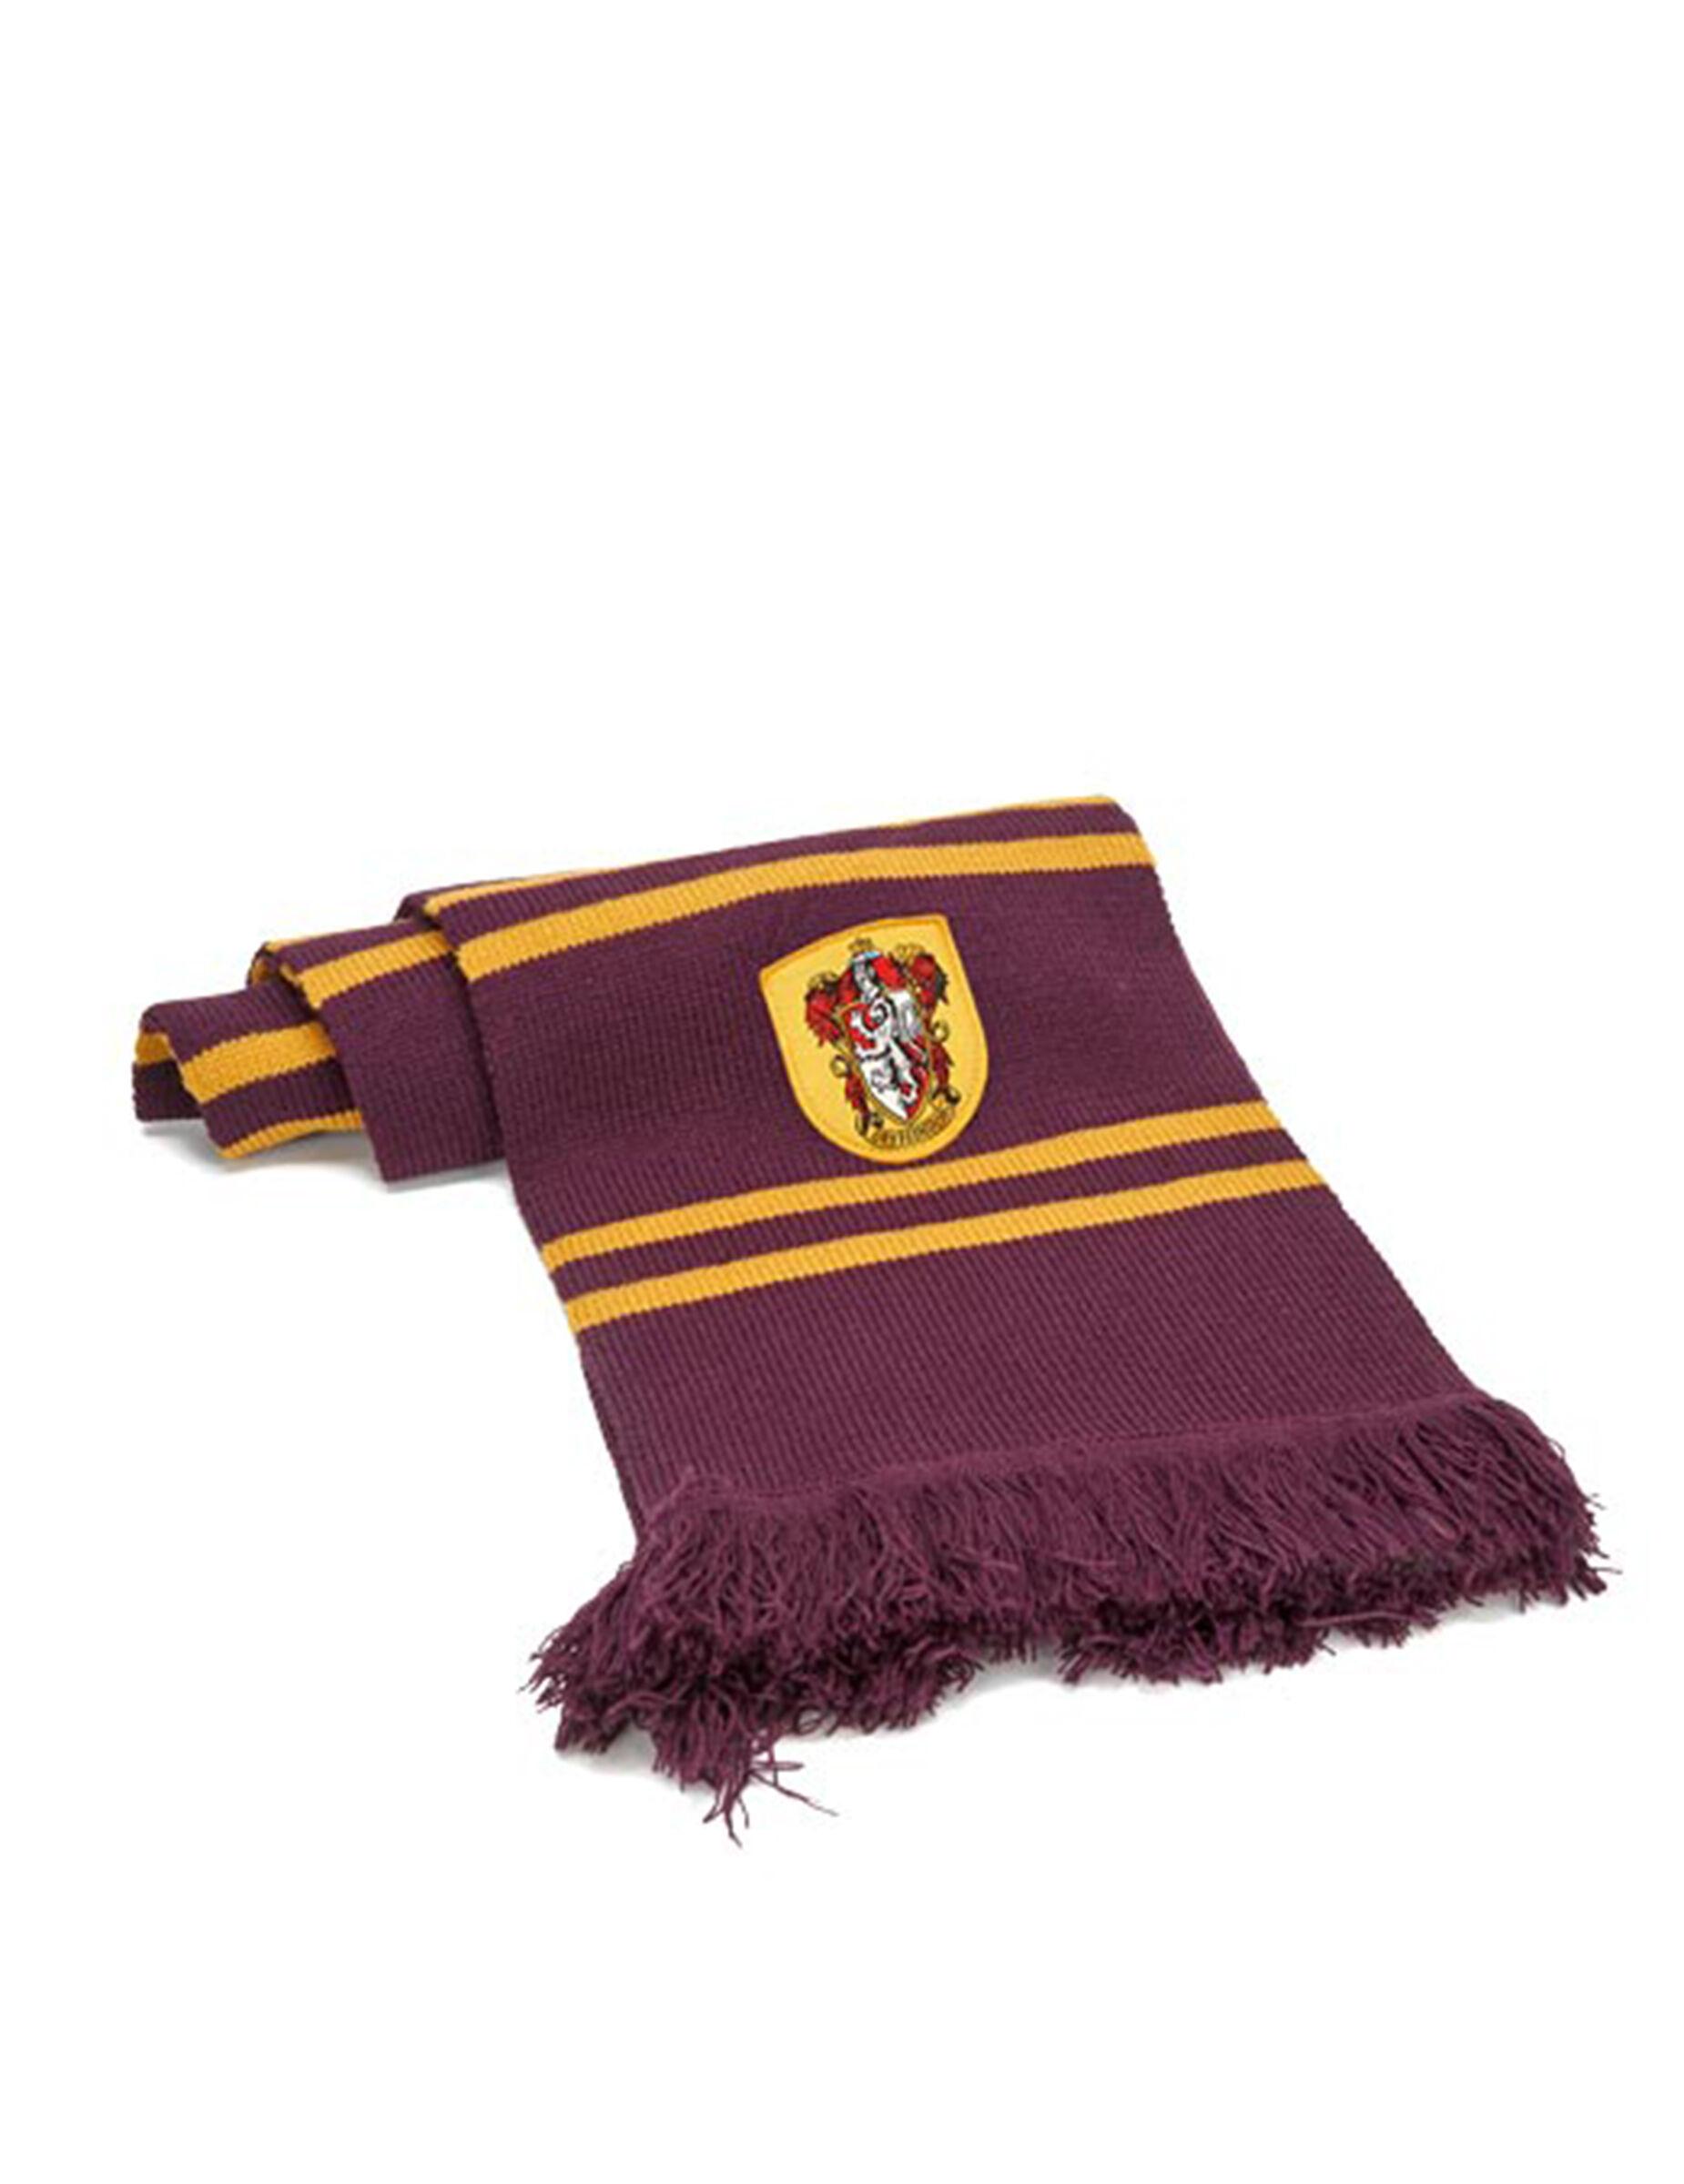 Vegaoo.es Réplica bufanda Gryffindor - Harry Potter